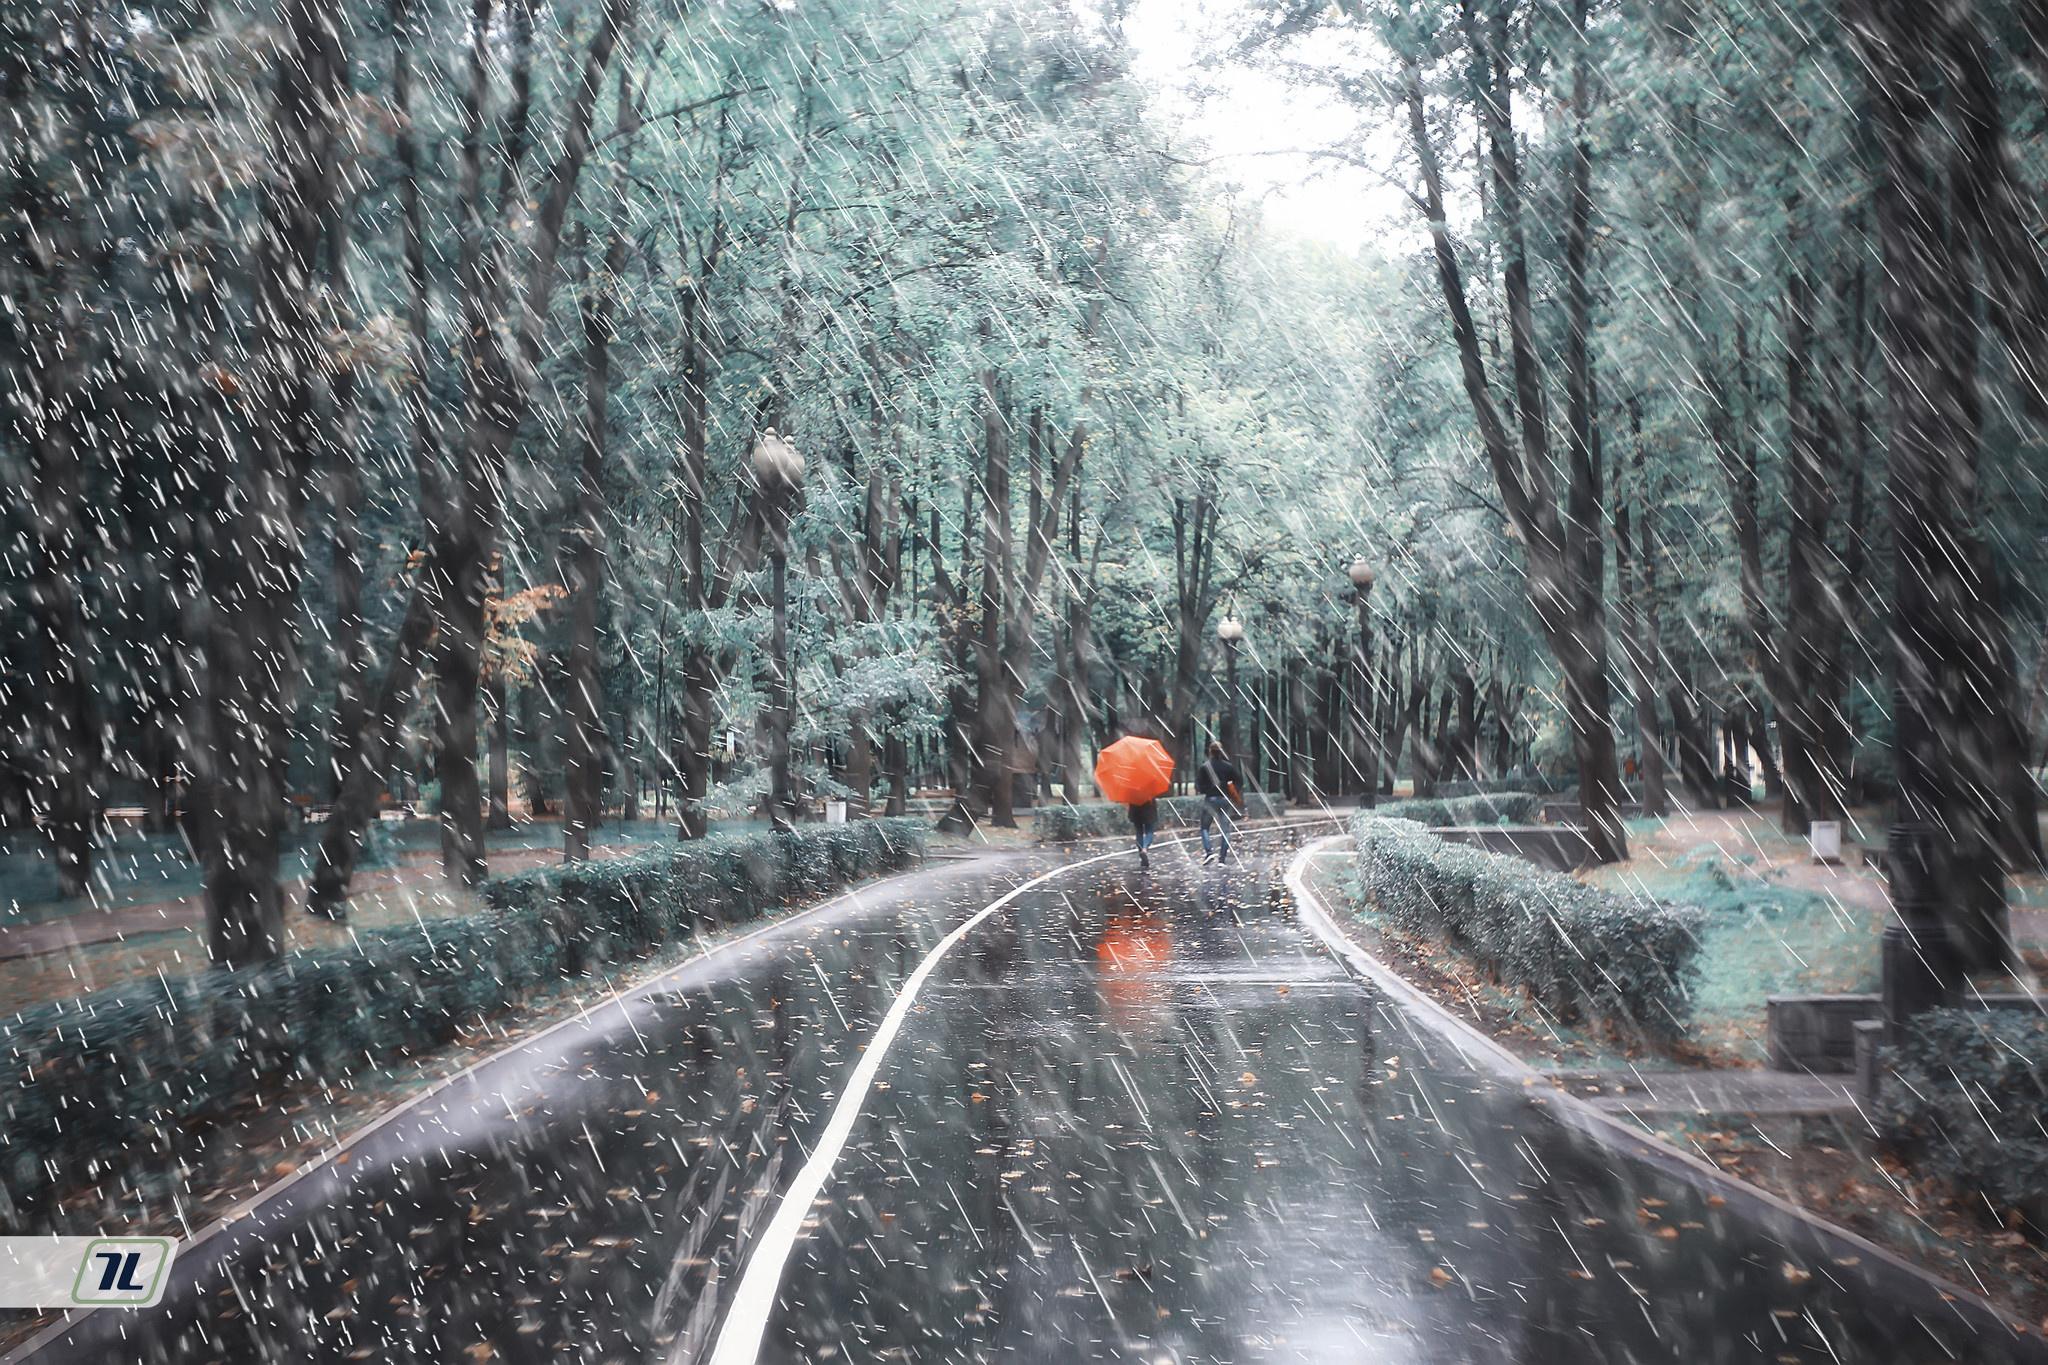 Hoe bereid jij je voor op een wandel- of fietstocht op een regenachtige herfstdag?